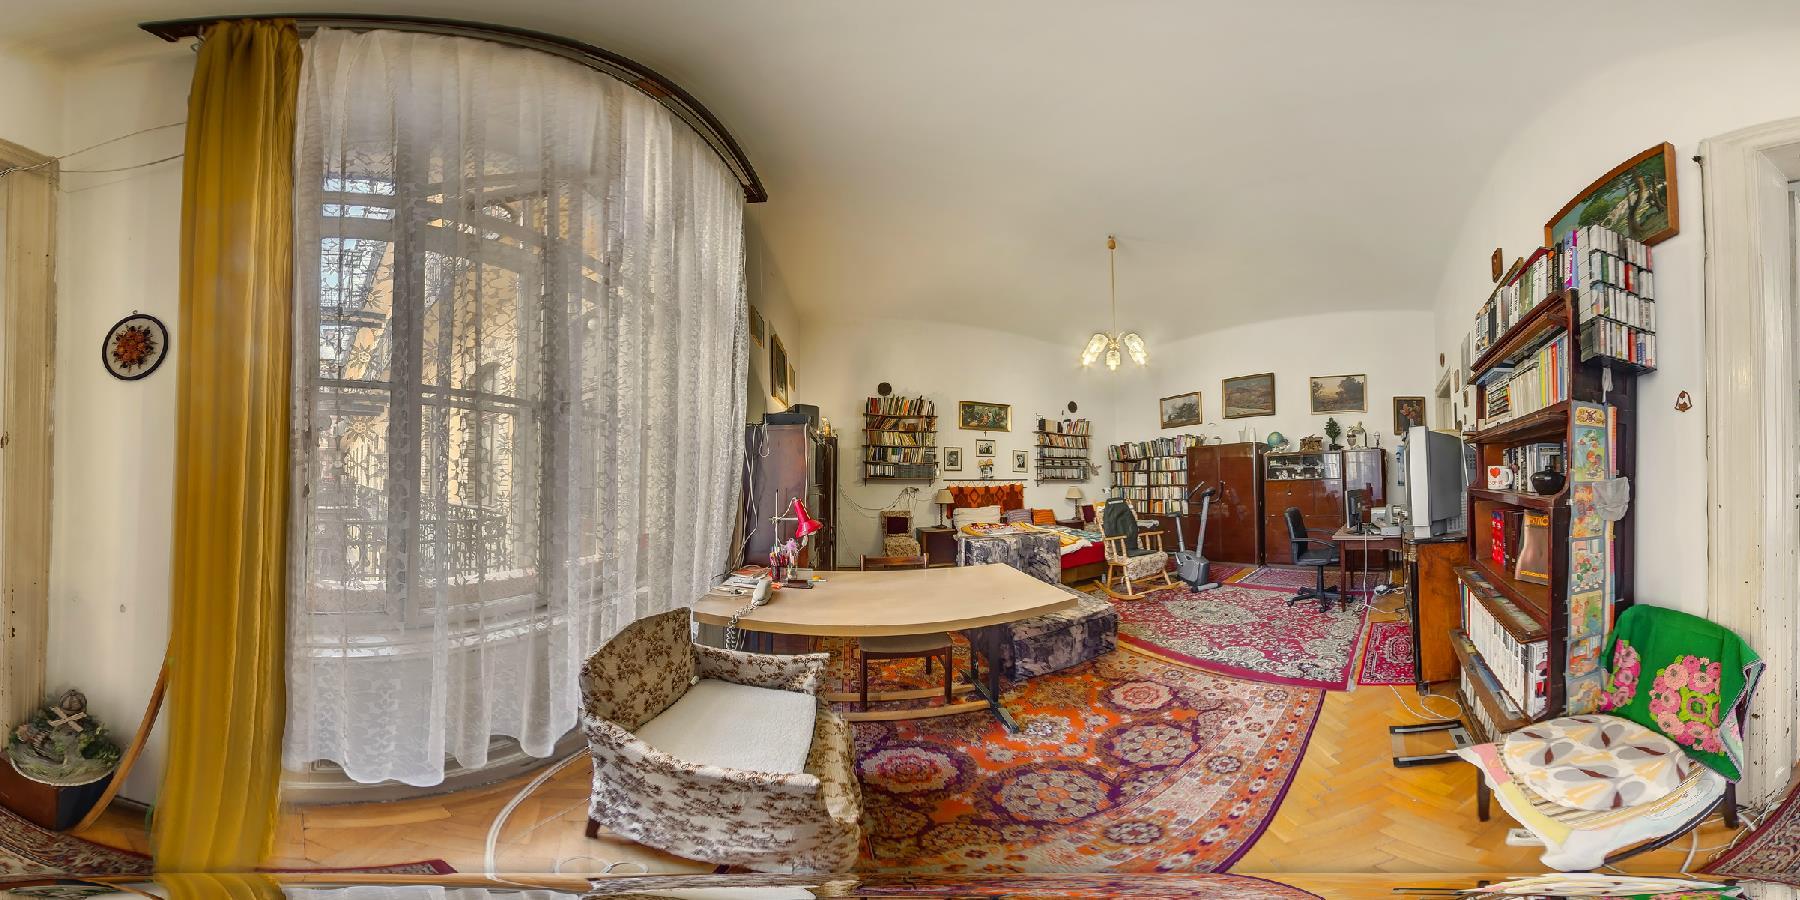 Ingatlanséta - Eladó ingatlan Budapest 08 1822298